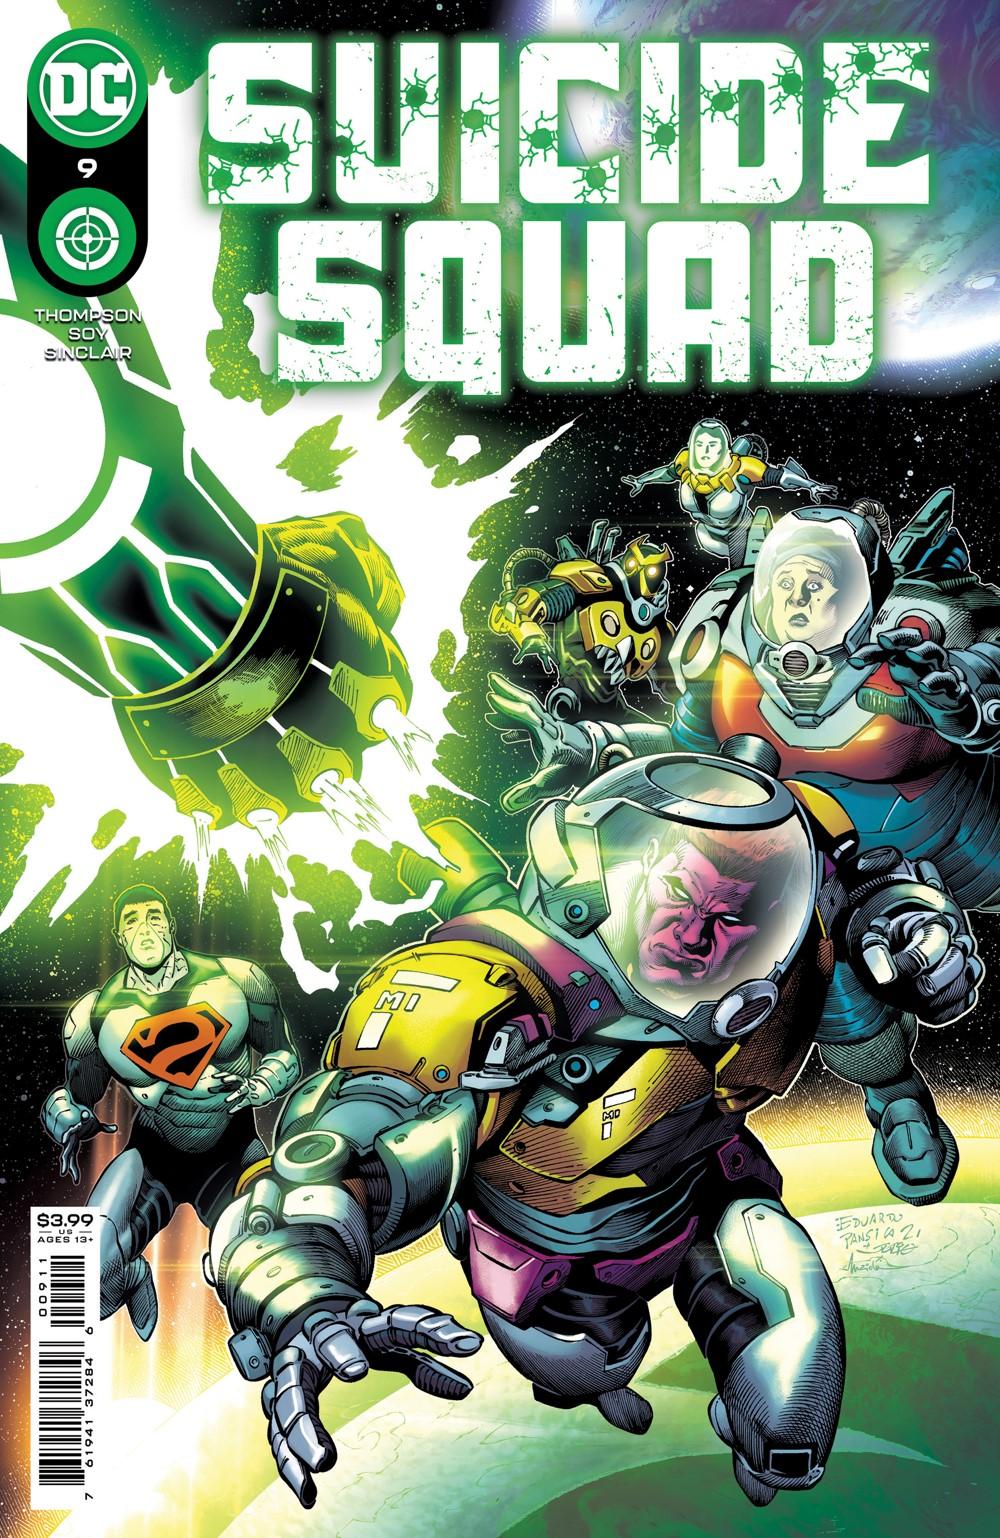 SSQUAD_Cv9 DC Comics November 2021 Solicitations